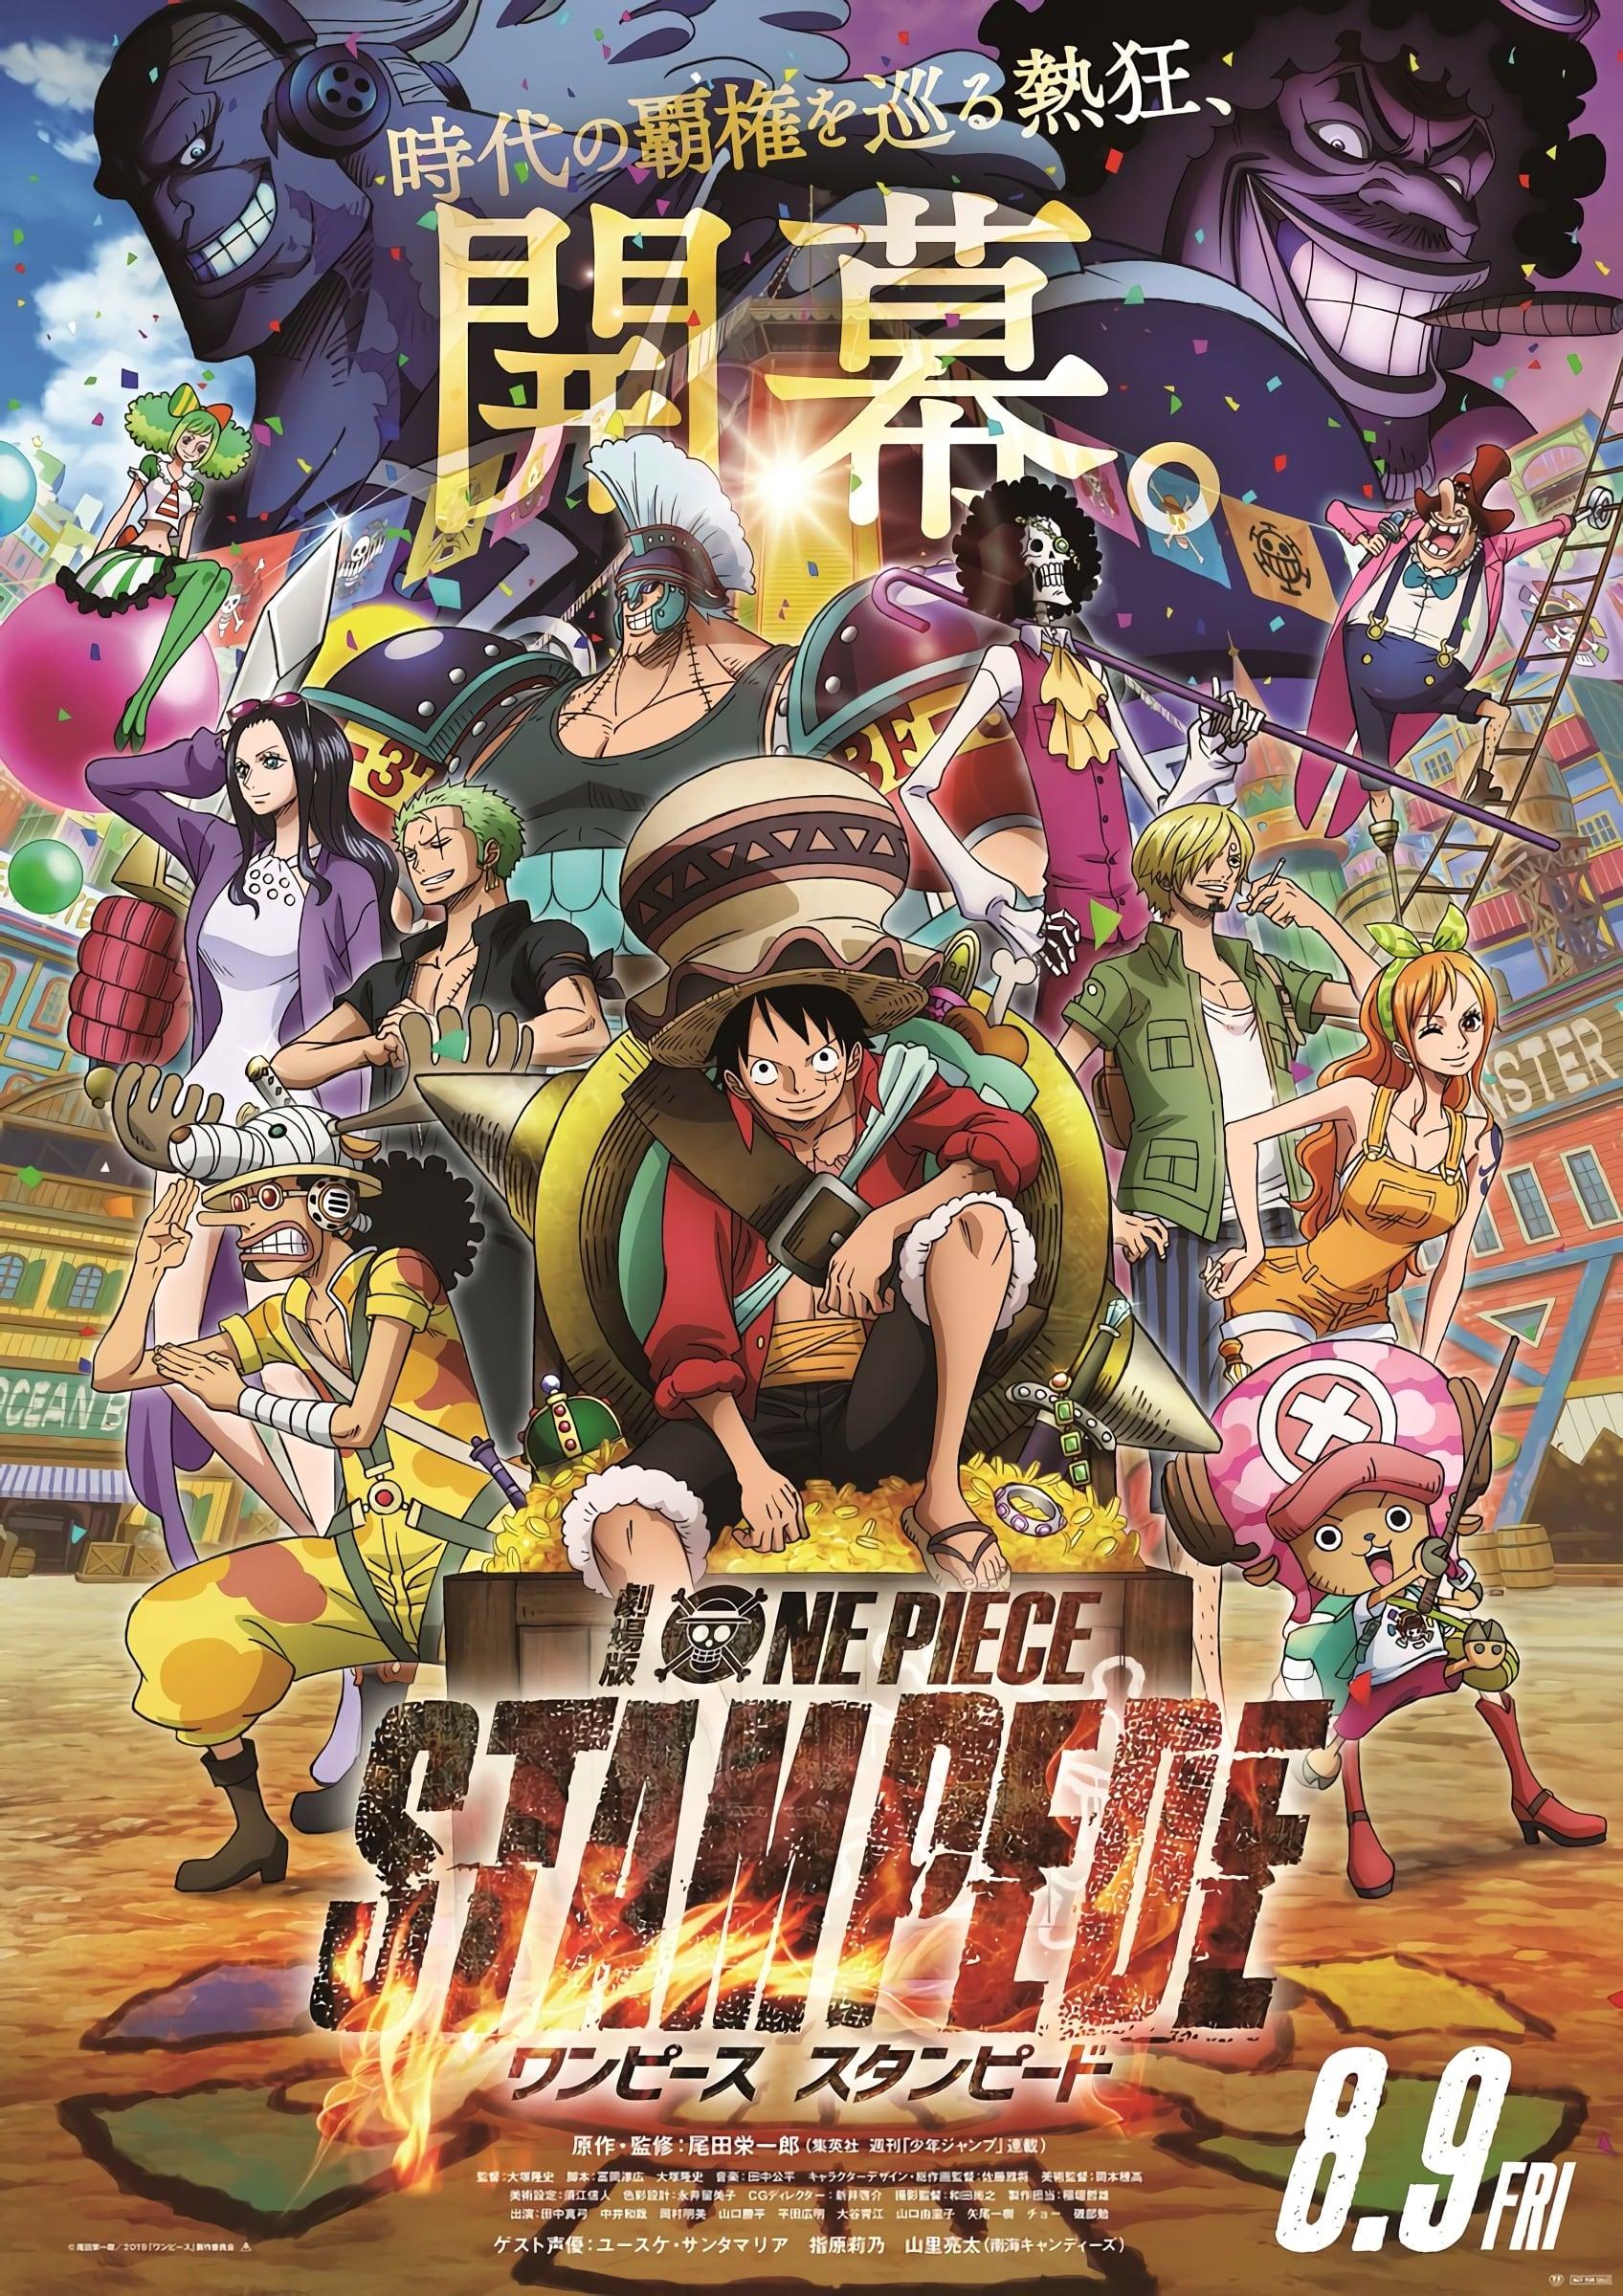 One Piece Film Stream